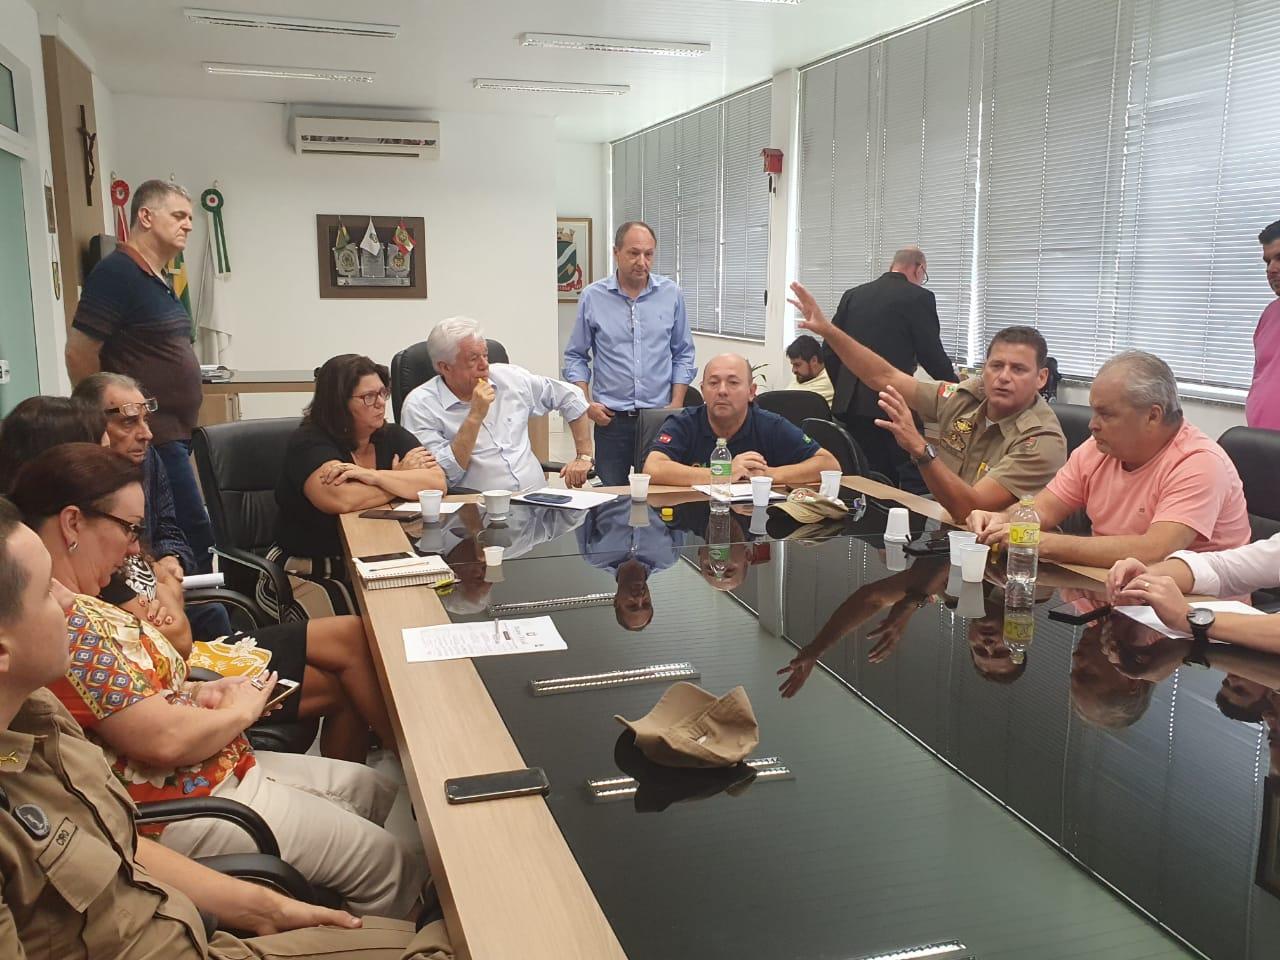 Polícia Militar, Prefeitura de Brusque e Associações definem ações do Decreto Estadual